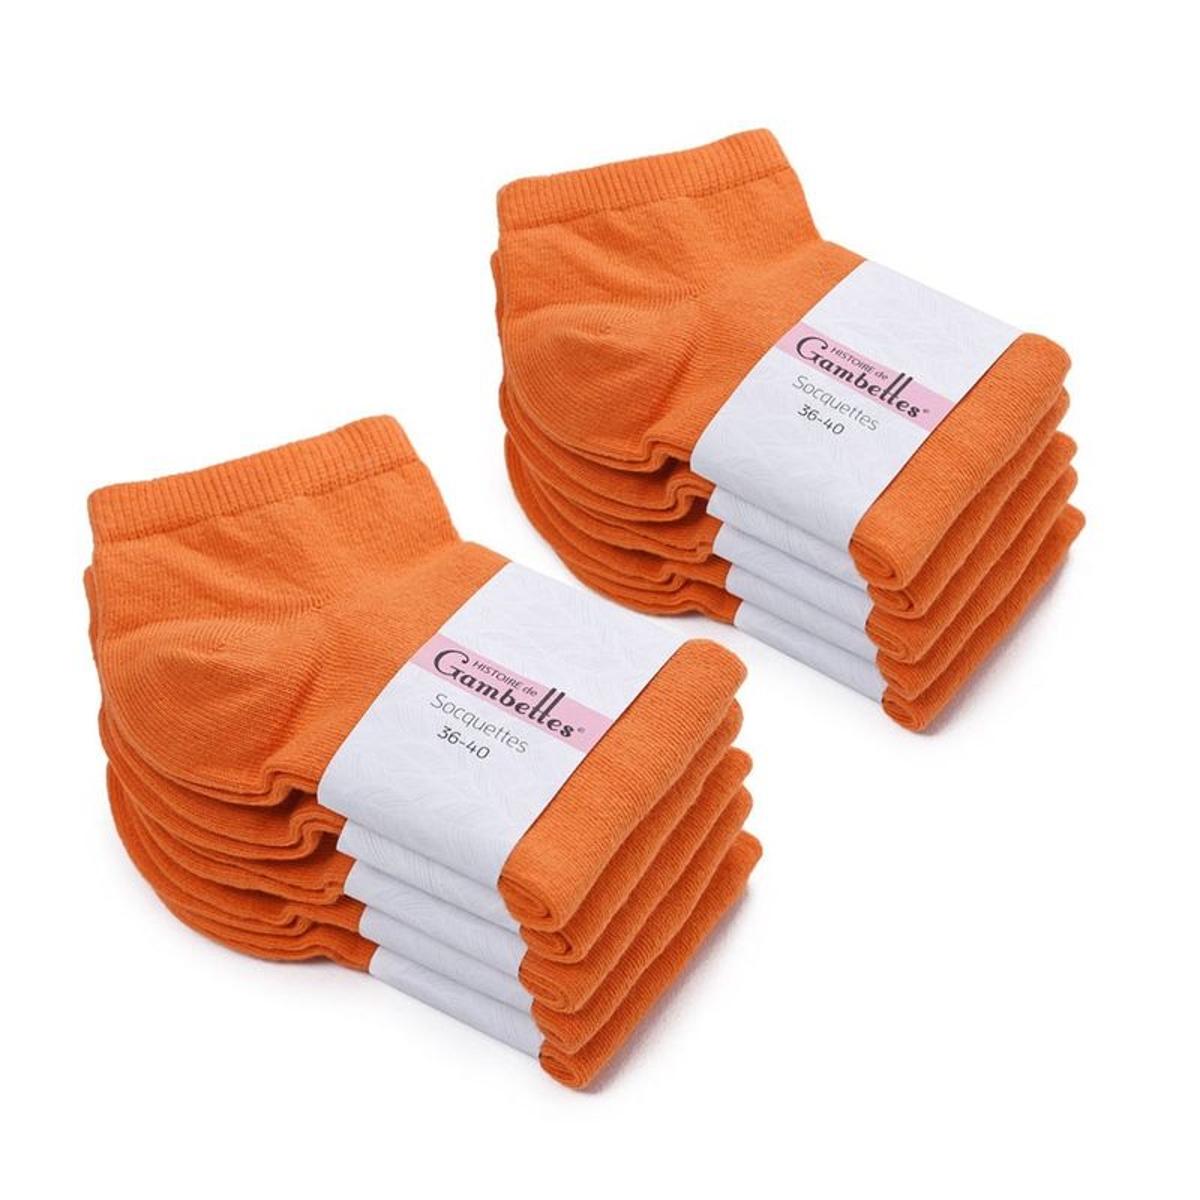 Socquettes Femme coton Mandarine (Lot de 10) - Fabriqué en europe